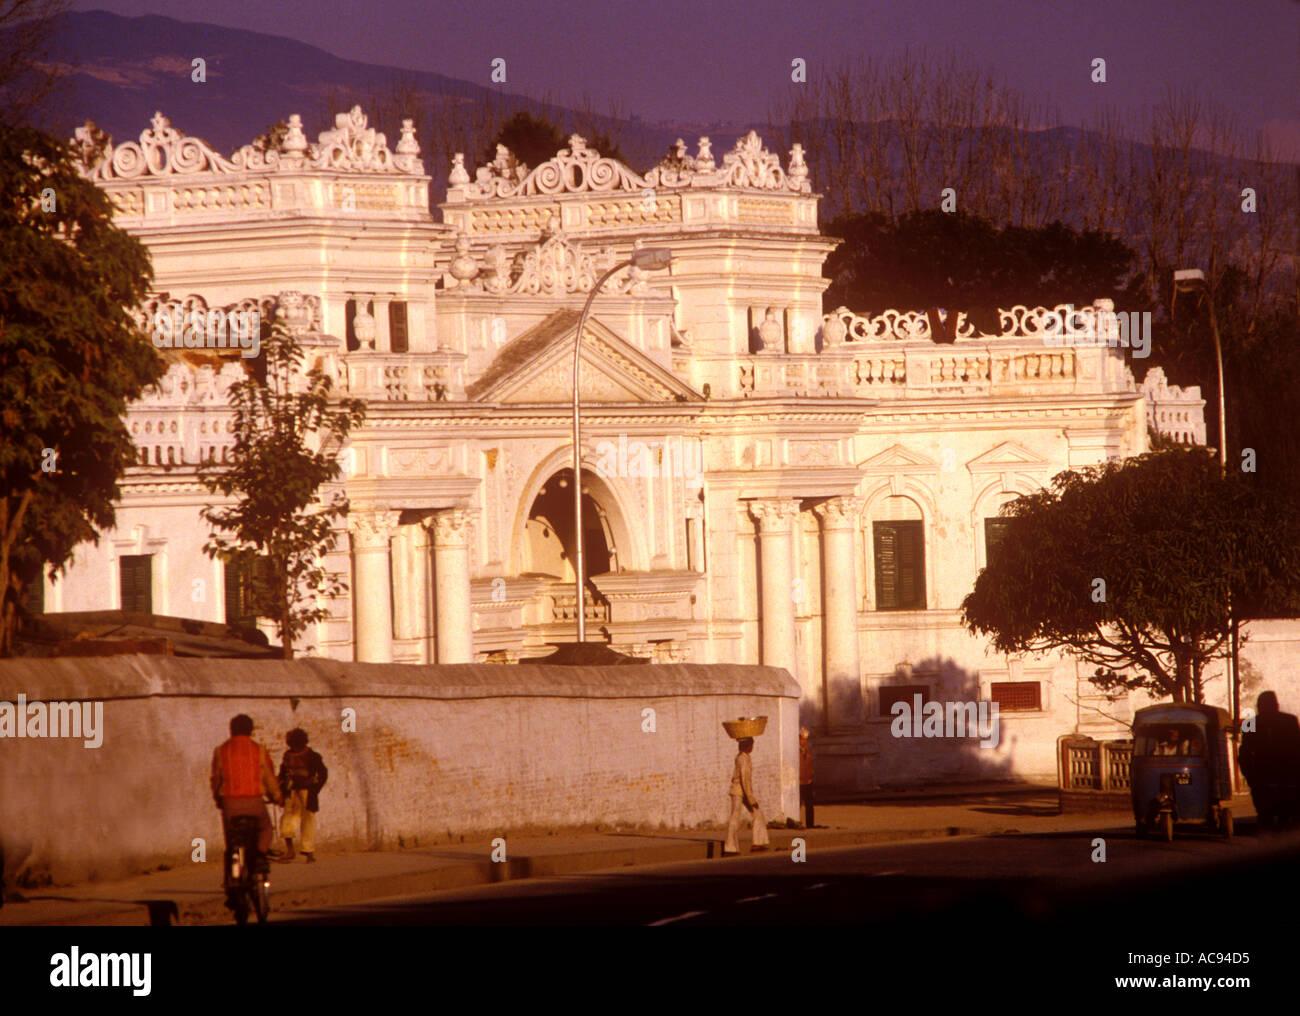 South Gate of Narayanhiti Royal Palace Kathmandu Nepal - Stock Image